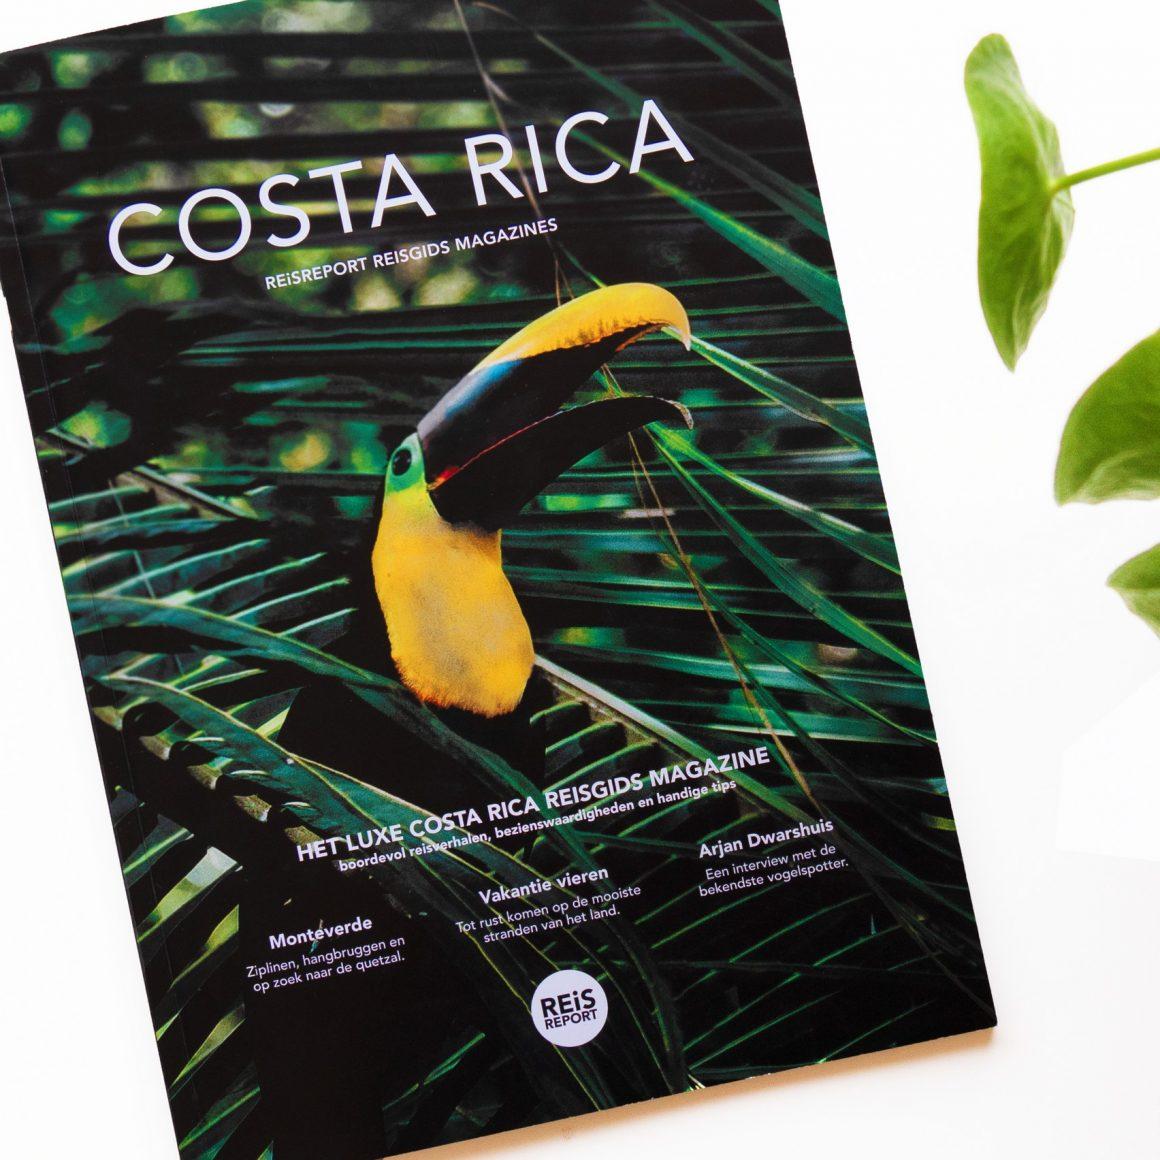 costarica_reisgids_magazine_reisreport